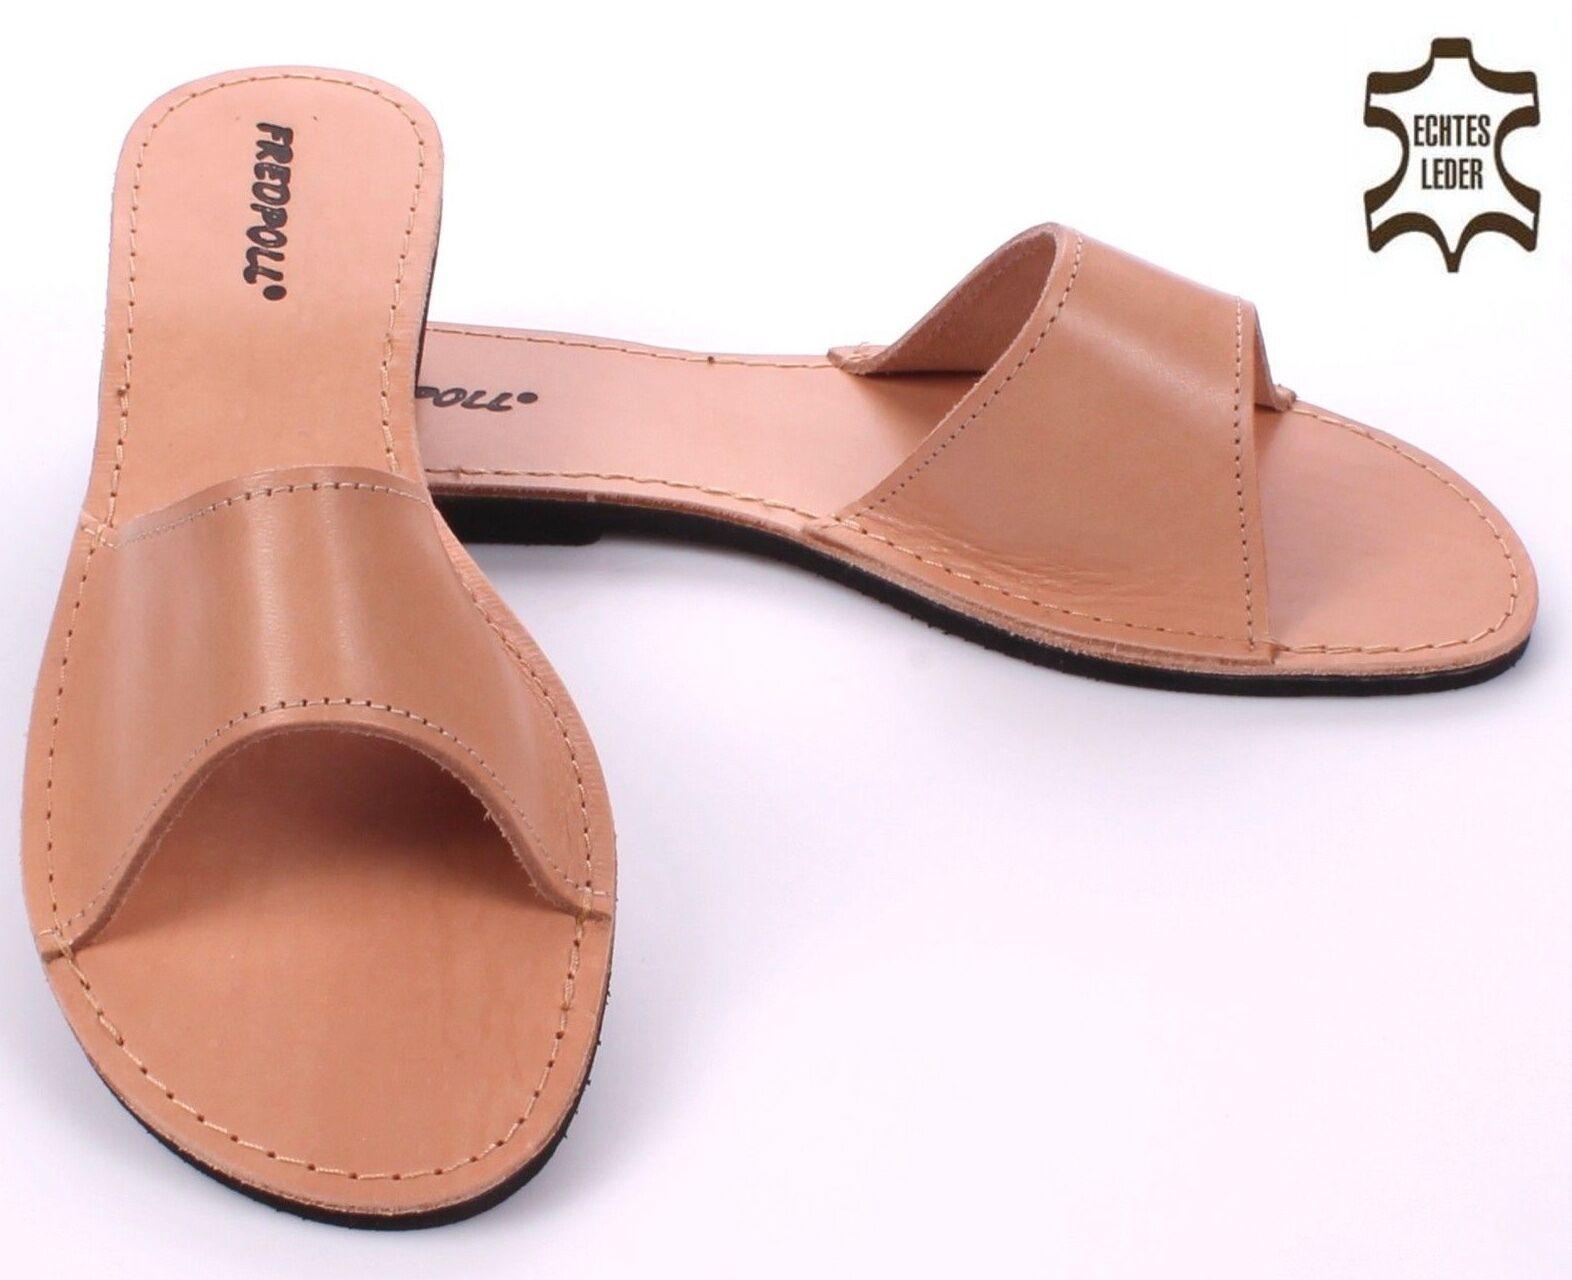 Damen Natur Leder Pantoletten Mod. 04 HausSchuhe Pantoffeln NEU Größe 39 bis 41